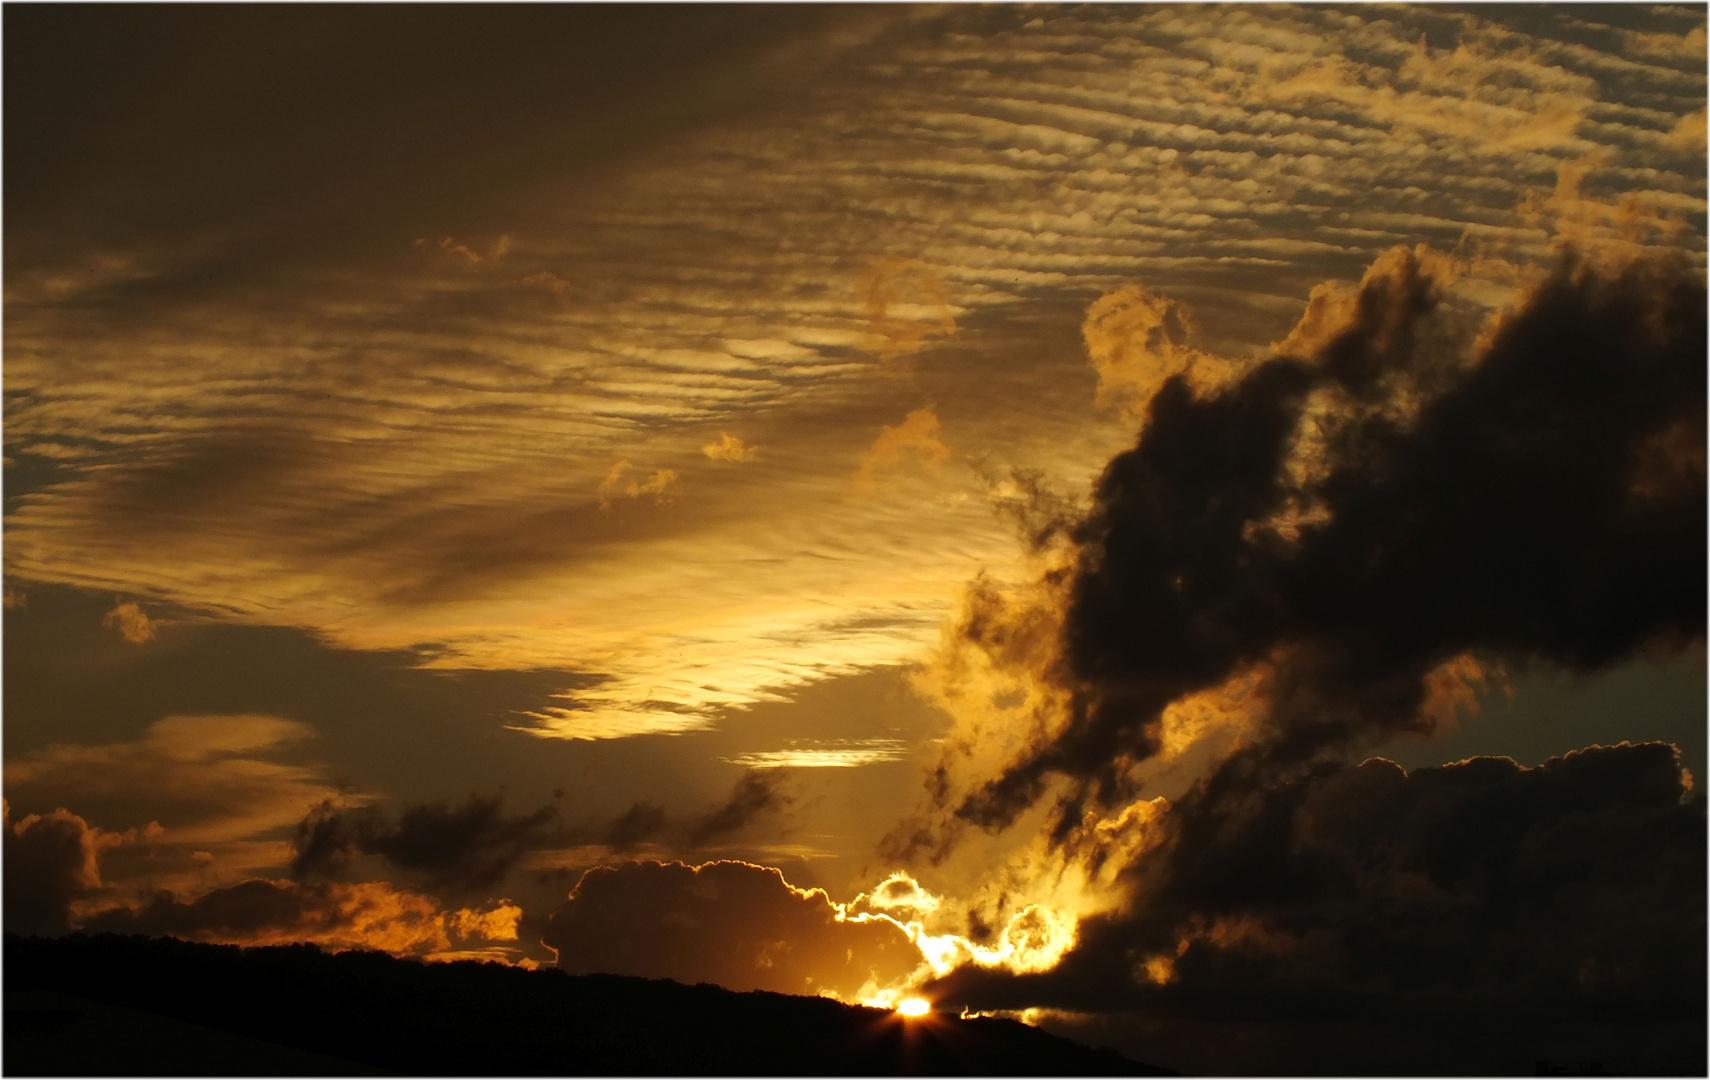 Sunset over Cluj-Napoca